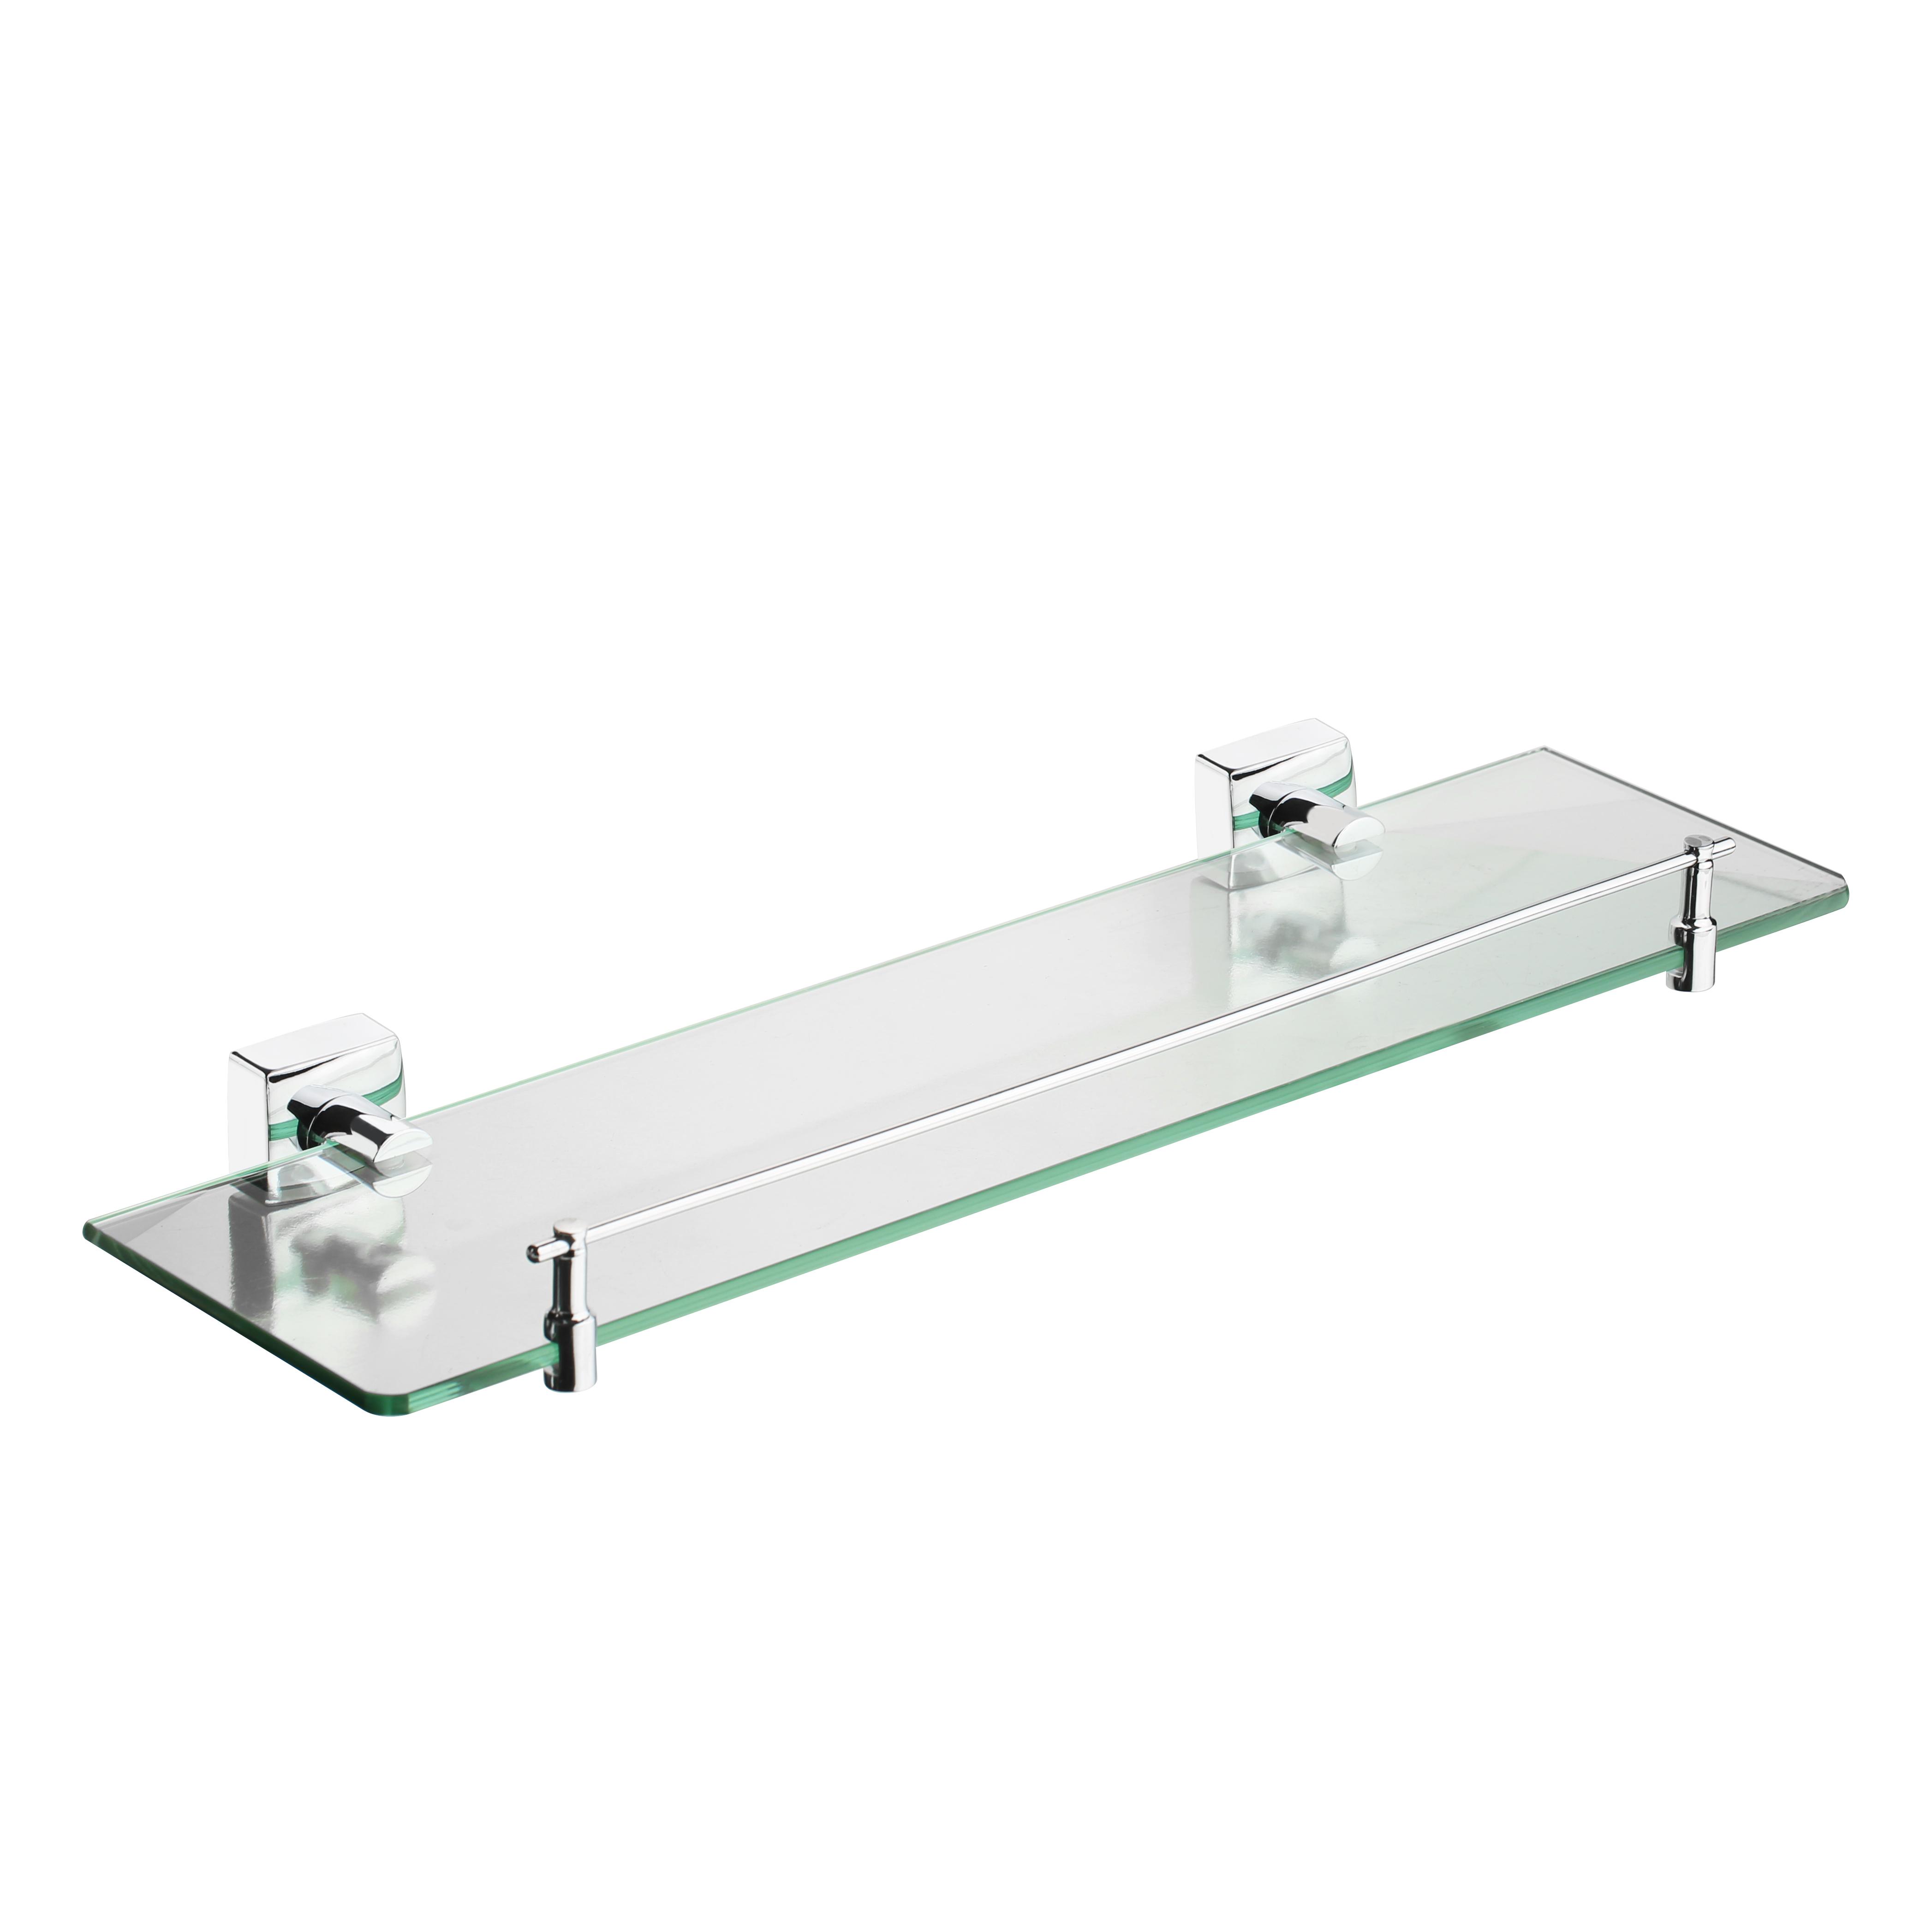 Полка для ванной комнаты ForaАксессуары для ванной комнаты<br>Назначение аксессуара: полка,<br>Цвет покрытия: хром,<br>Материал: металл,<br>Высота: 50,<br>Ширина: 500,<br>Глубина: 150<br>